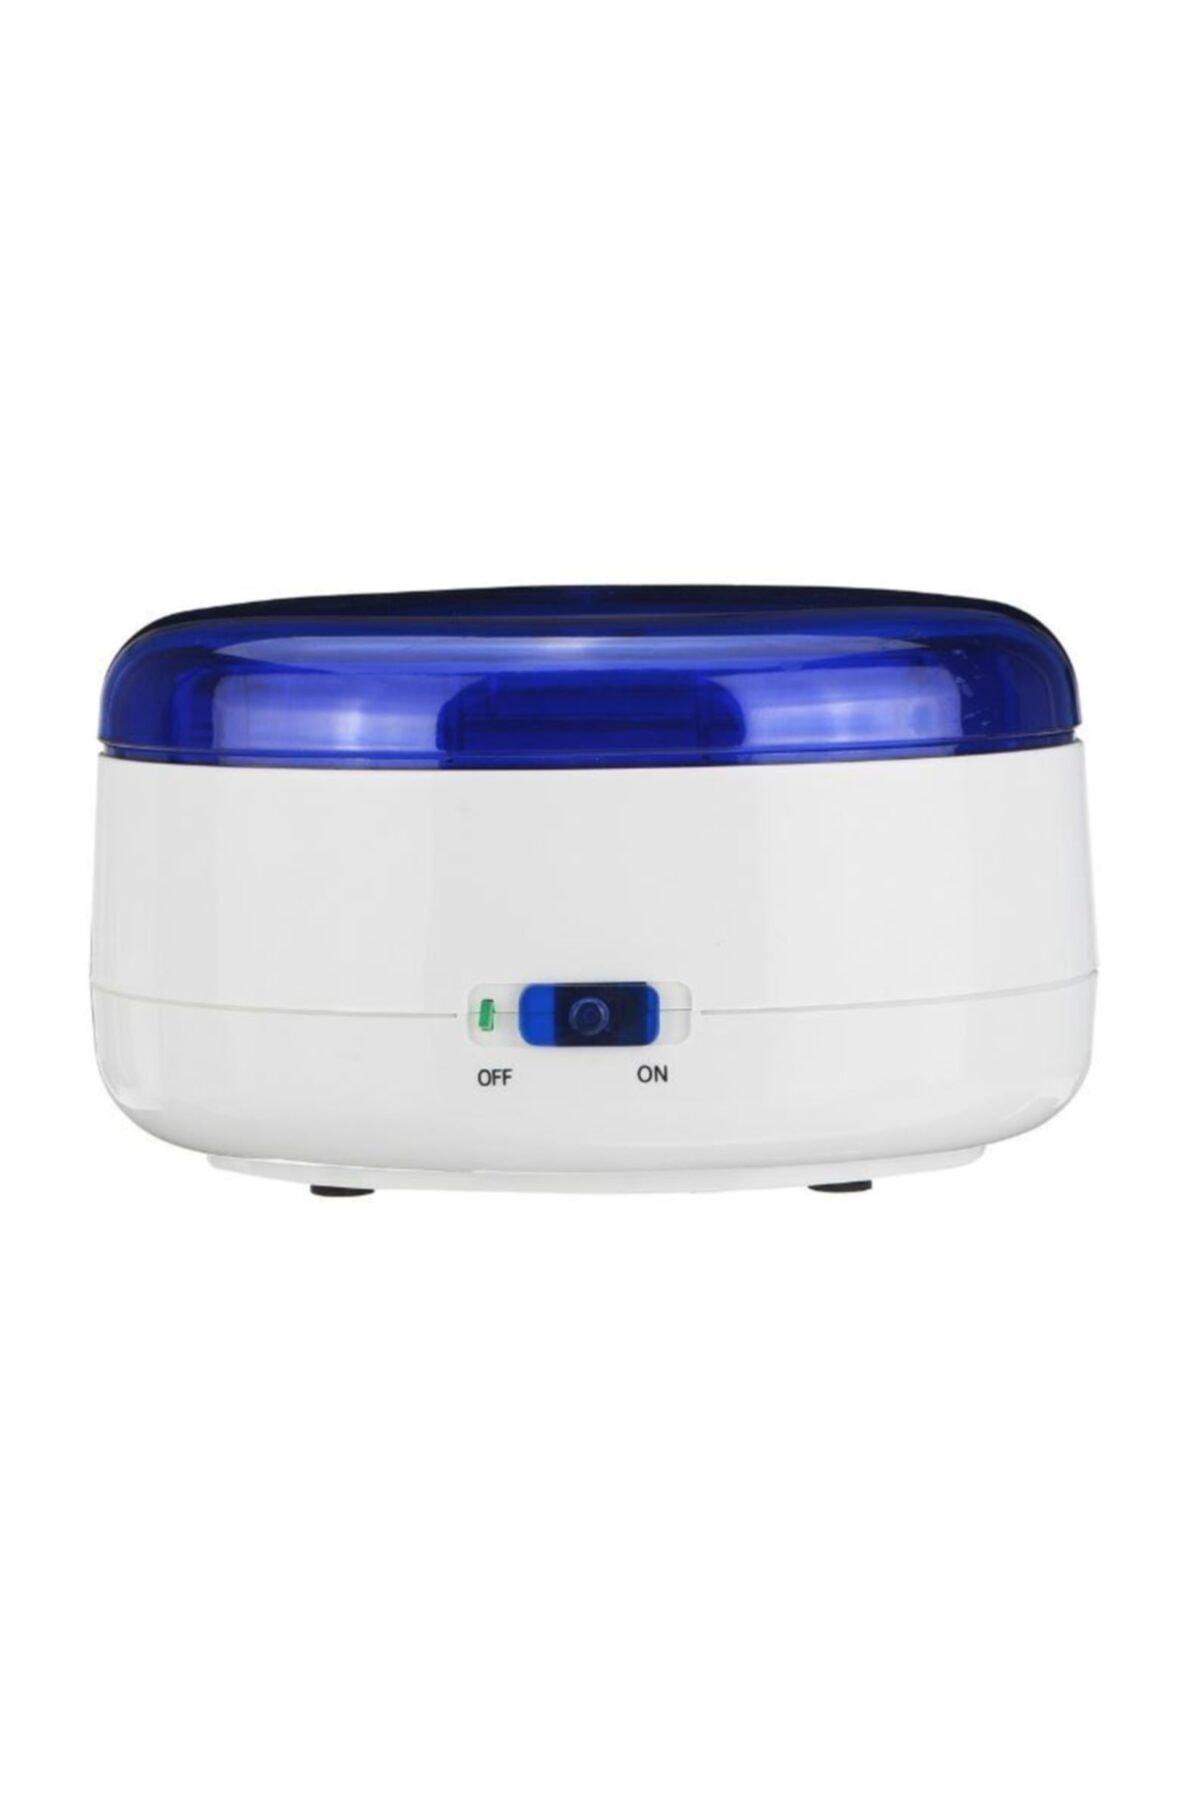 Techmaster Dijital Ultrasonik Takı Saat Gözlük Temizleyici Makinesi 500ml 1